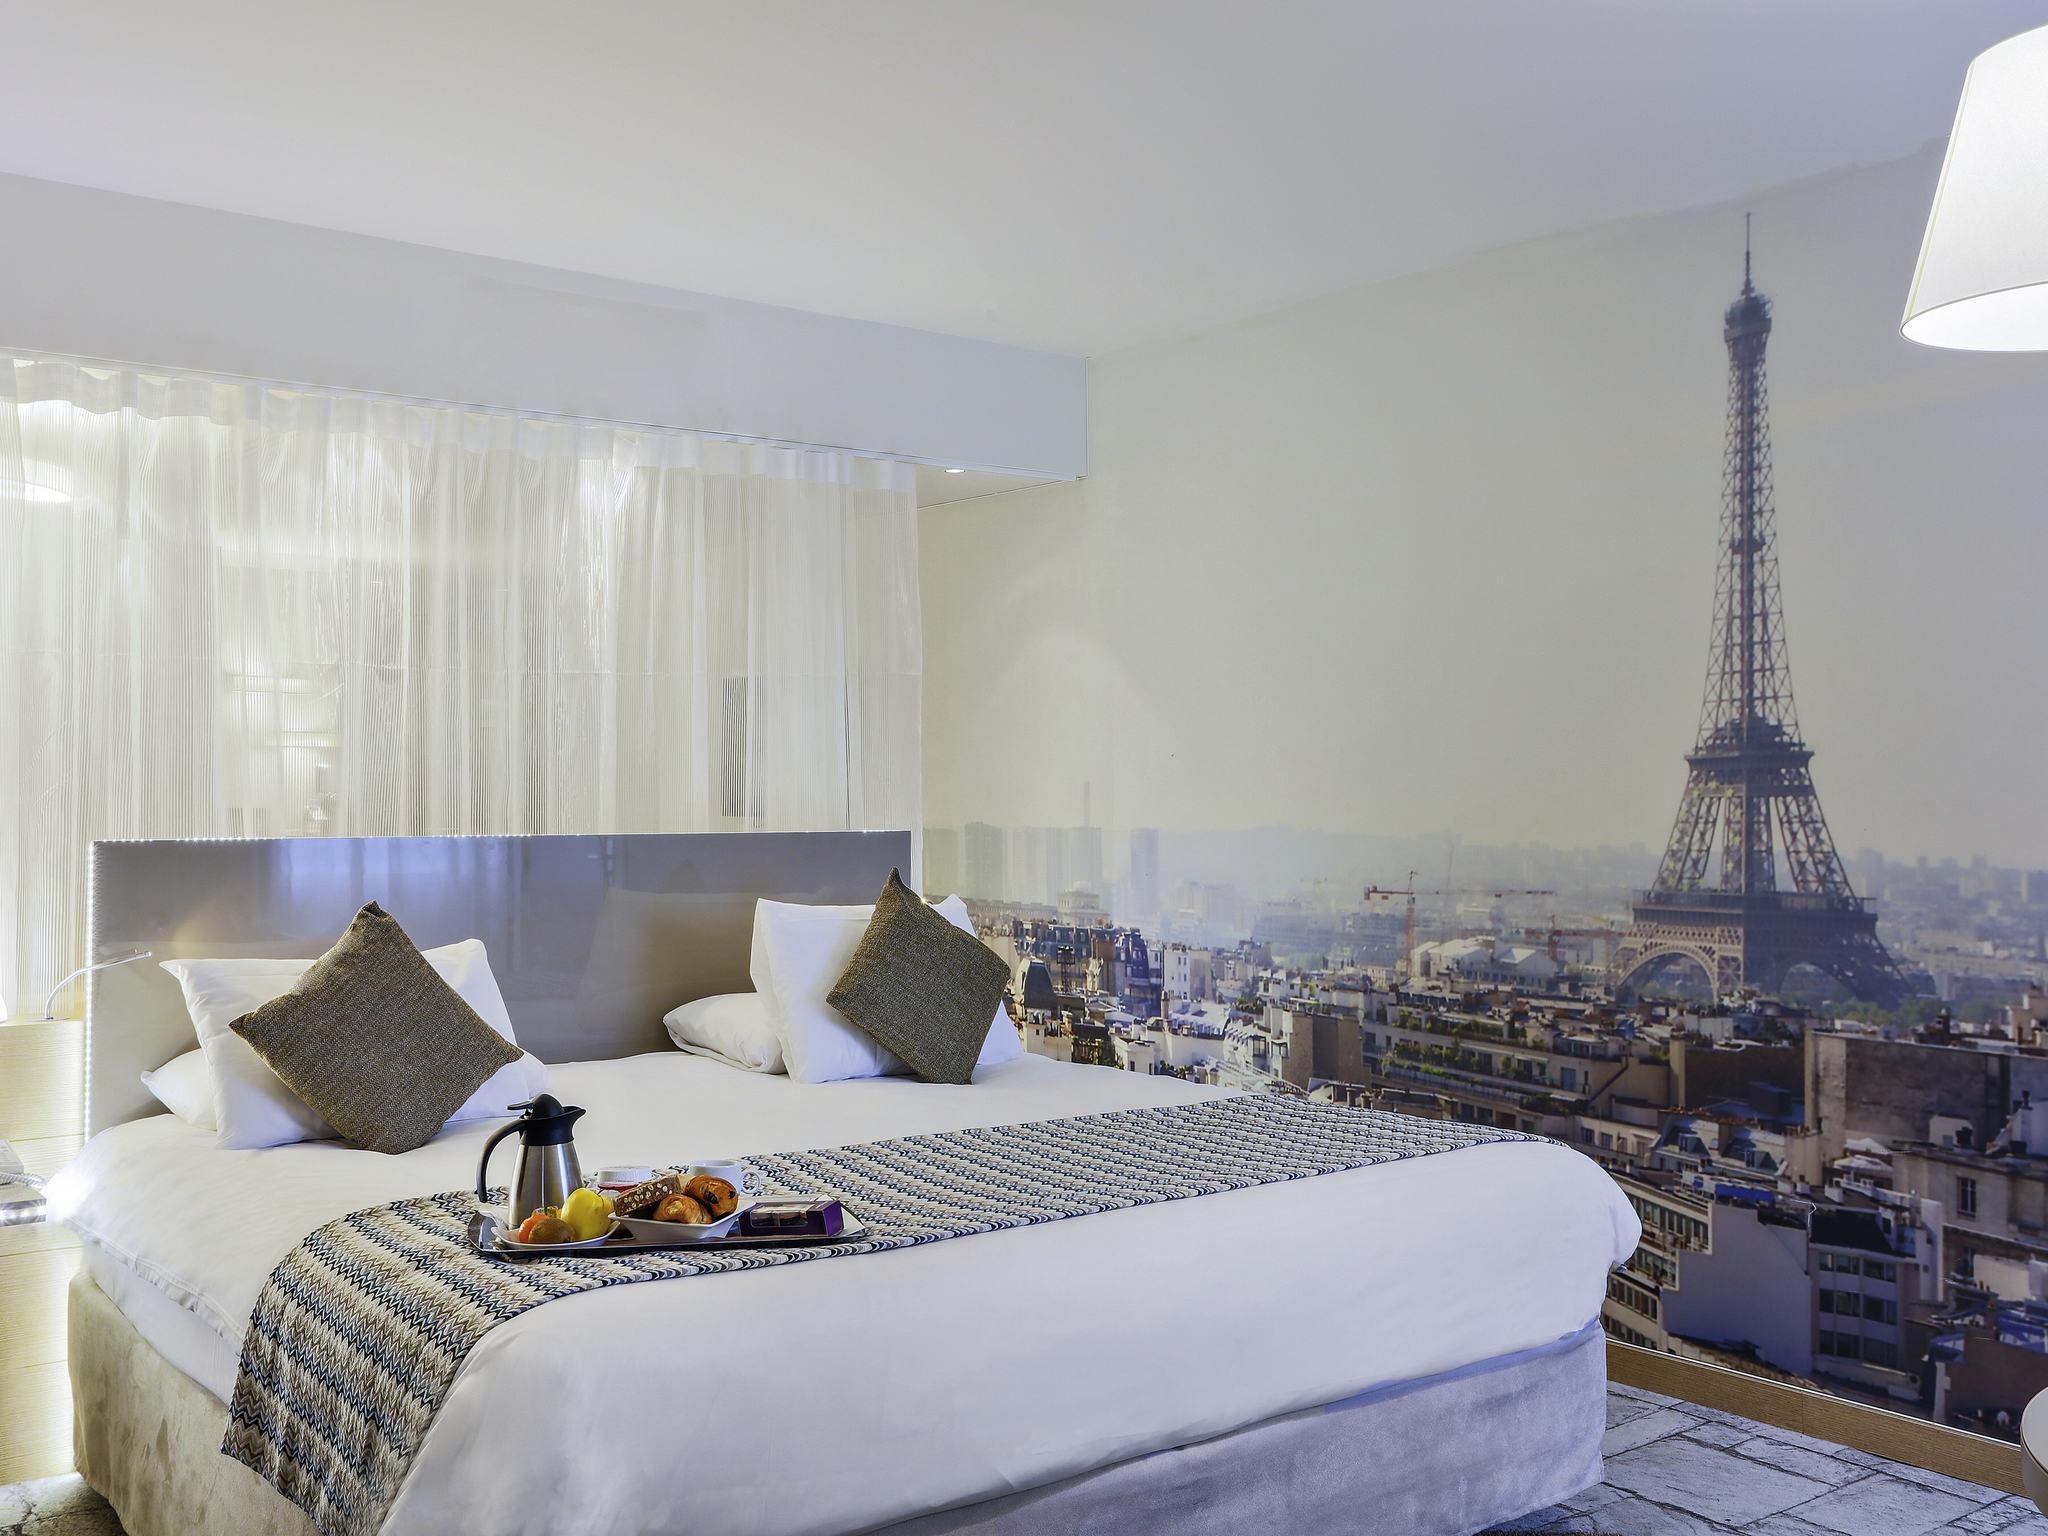 ホテル – メルキュールパリヴォージラールポルトドヴェルサイユ